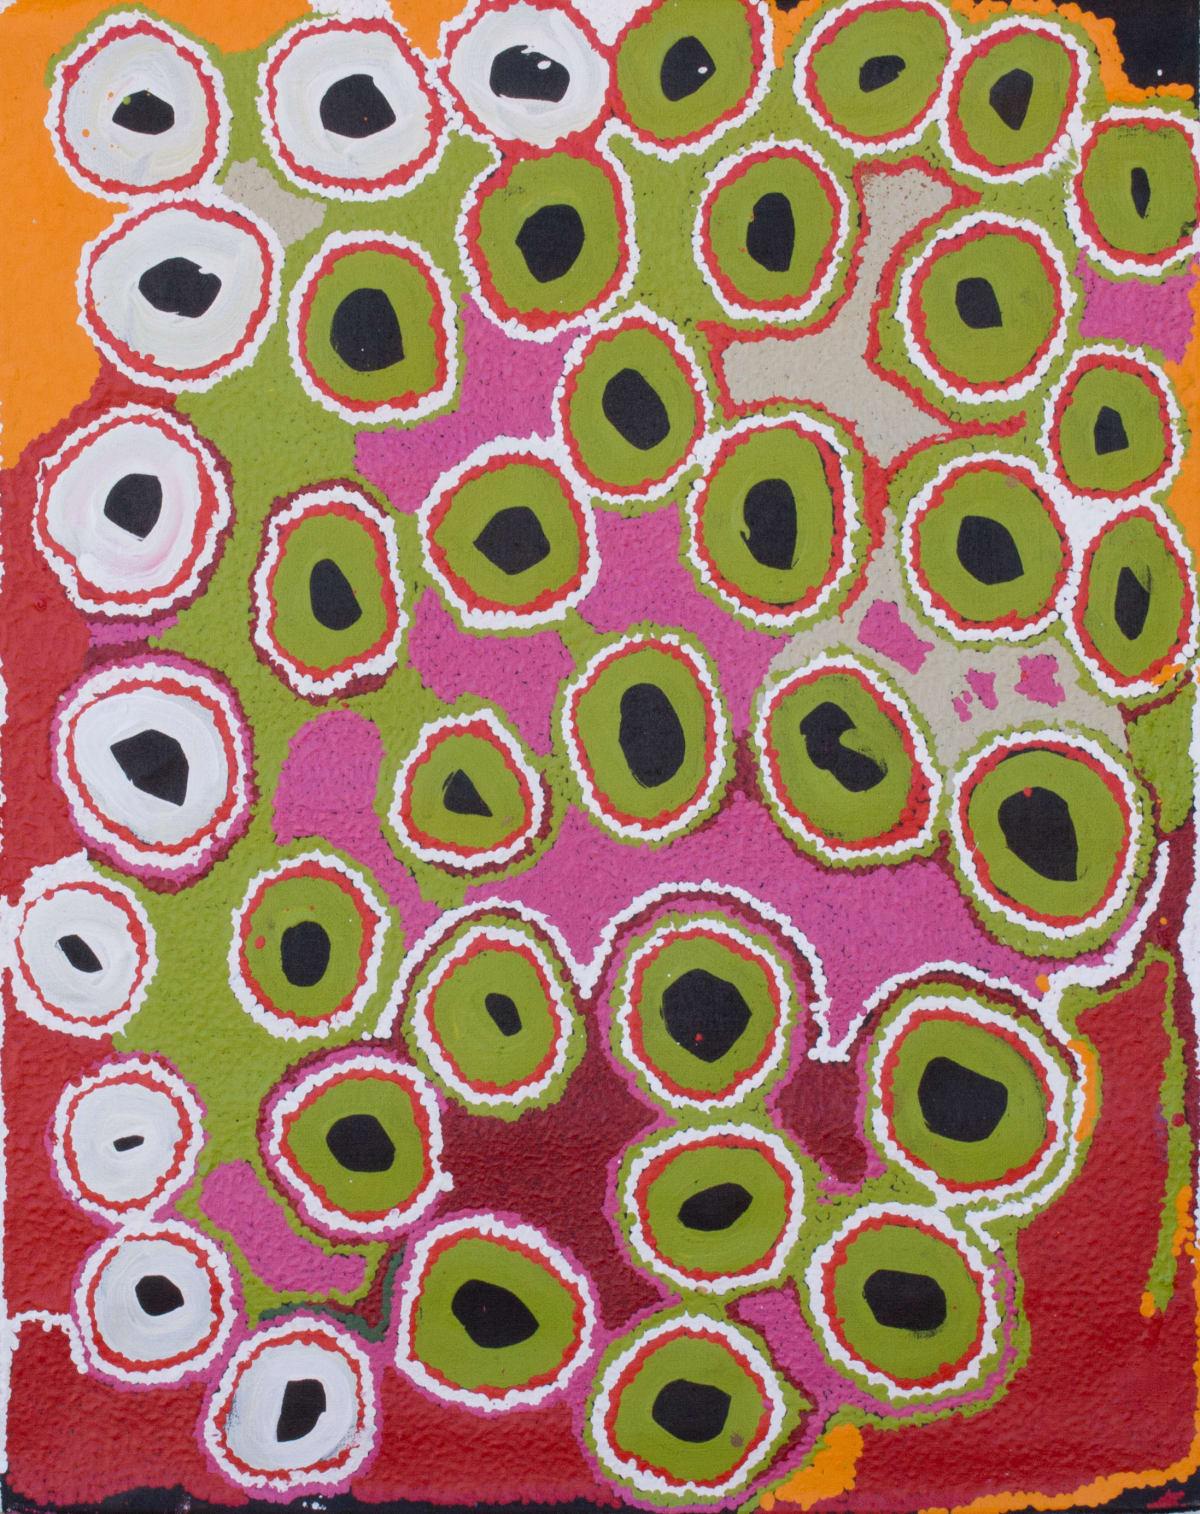 Myrtle Pennington Kanpa 2013 acrylic on linen 75 x 60 cm